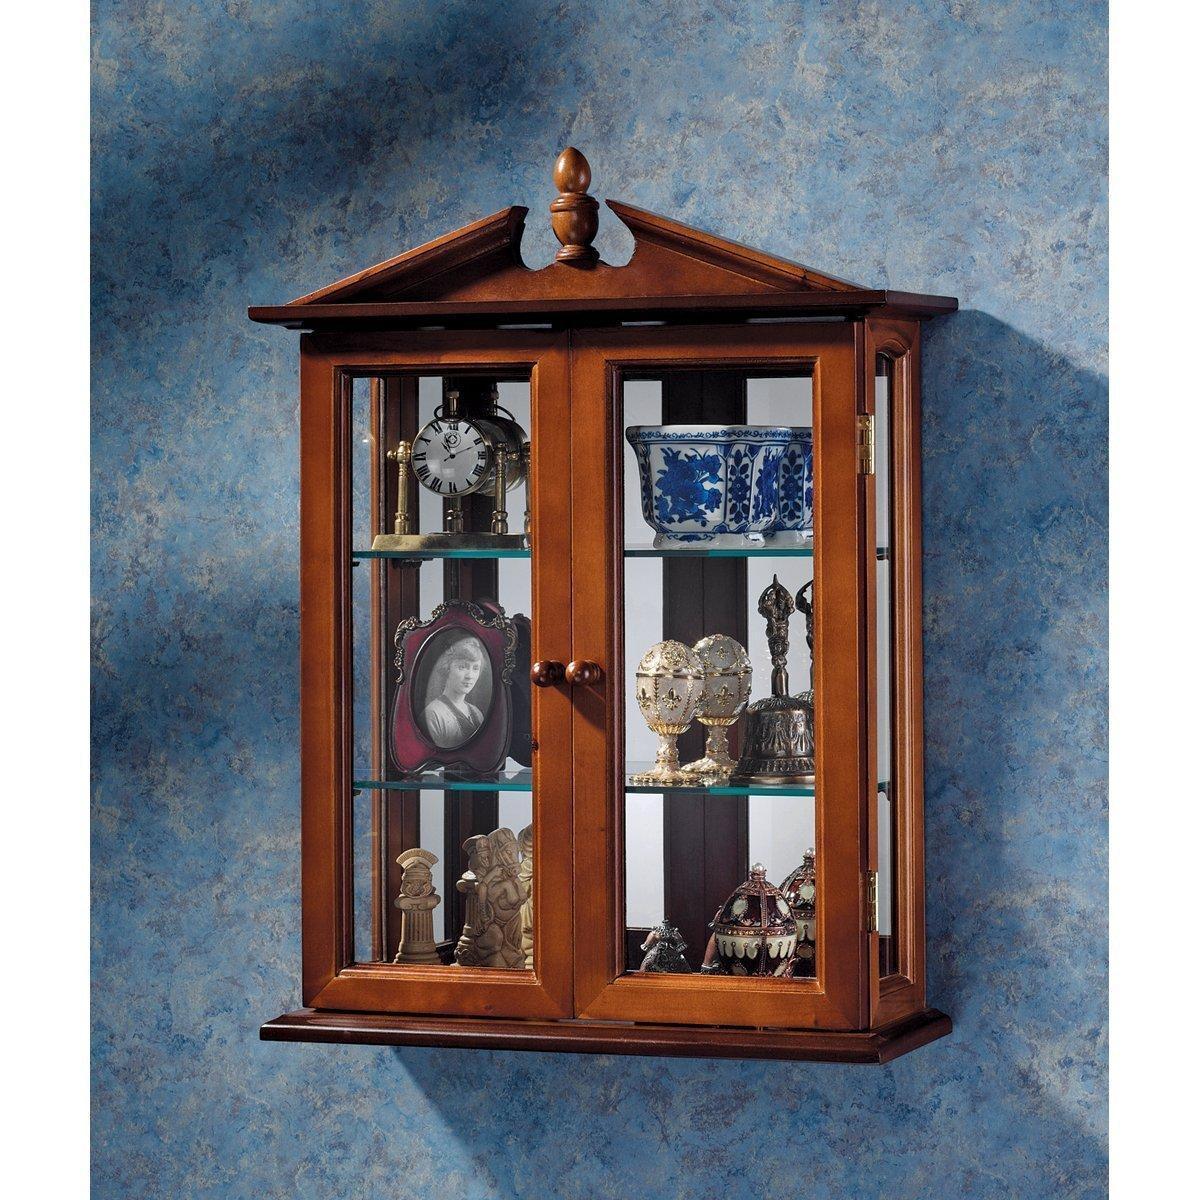 Design Toscano Residenza Amesbury Vetrinetta da esposizione in vetro con montaggio a parete, legno massello, finitura color mogano, 56 cm BN1722